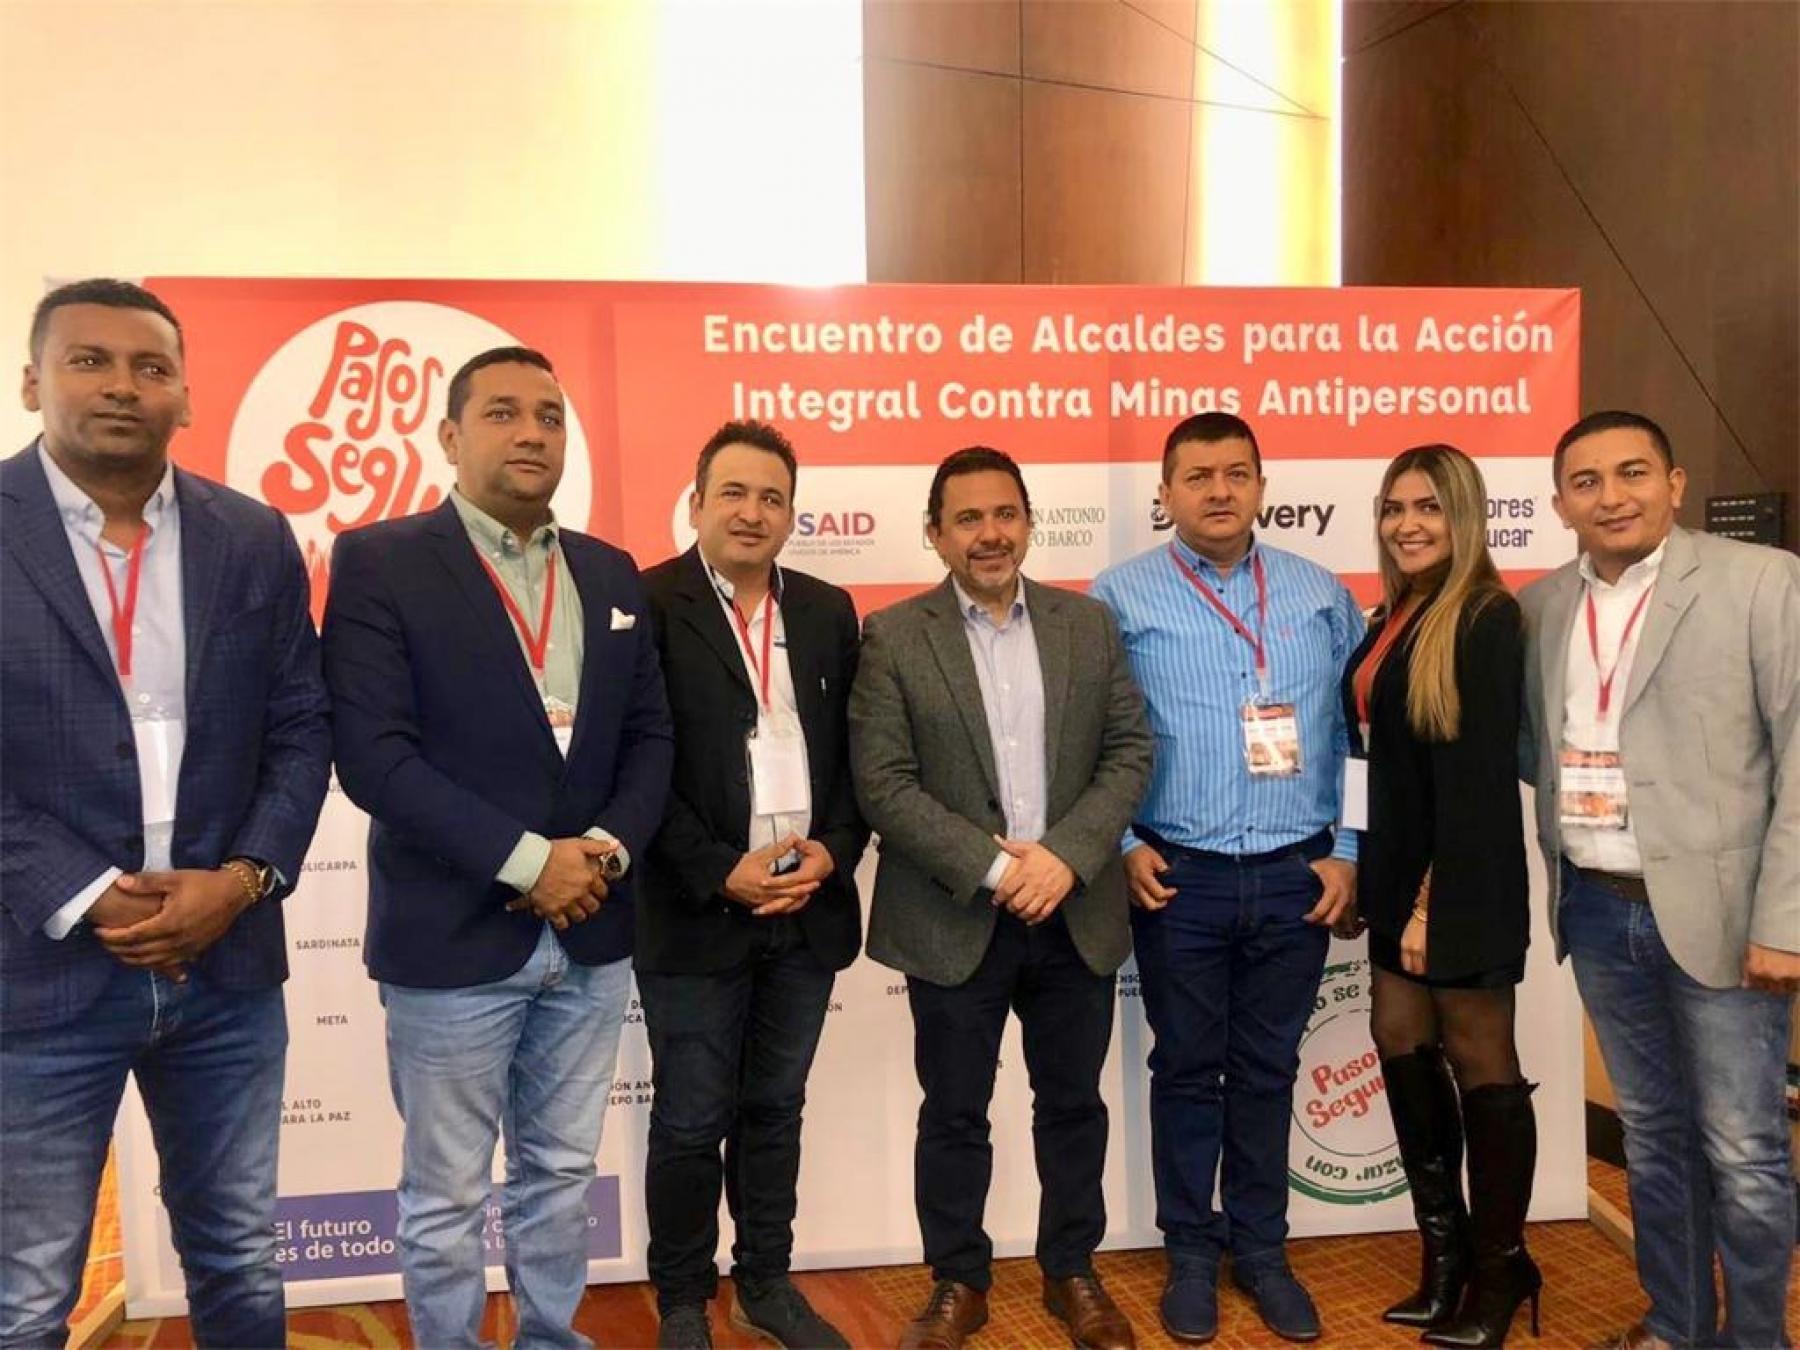 Alcalde de Arauca participó de del 'Encuentro de Autoridades Locales para la Acción Integral Contra Minas Antipersonal'